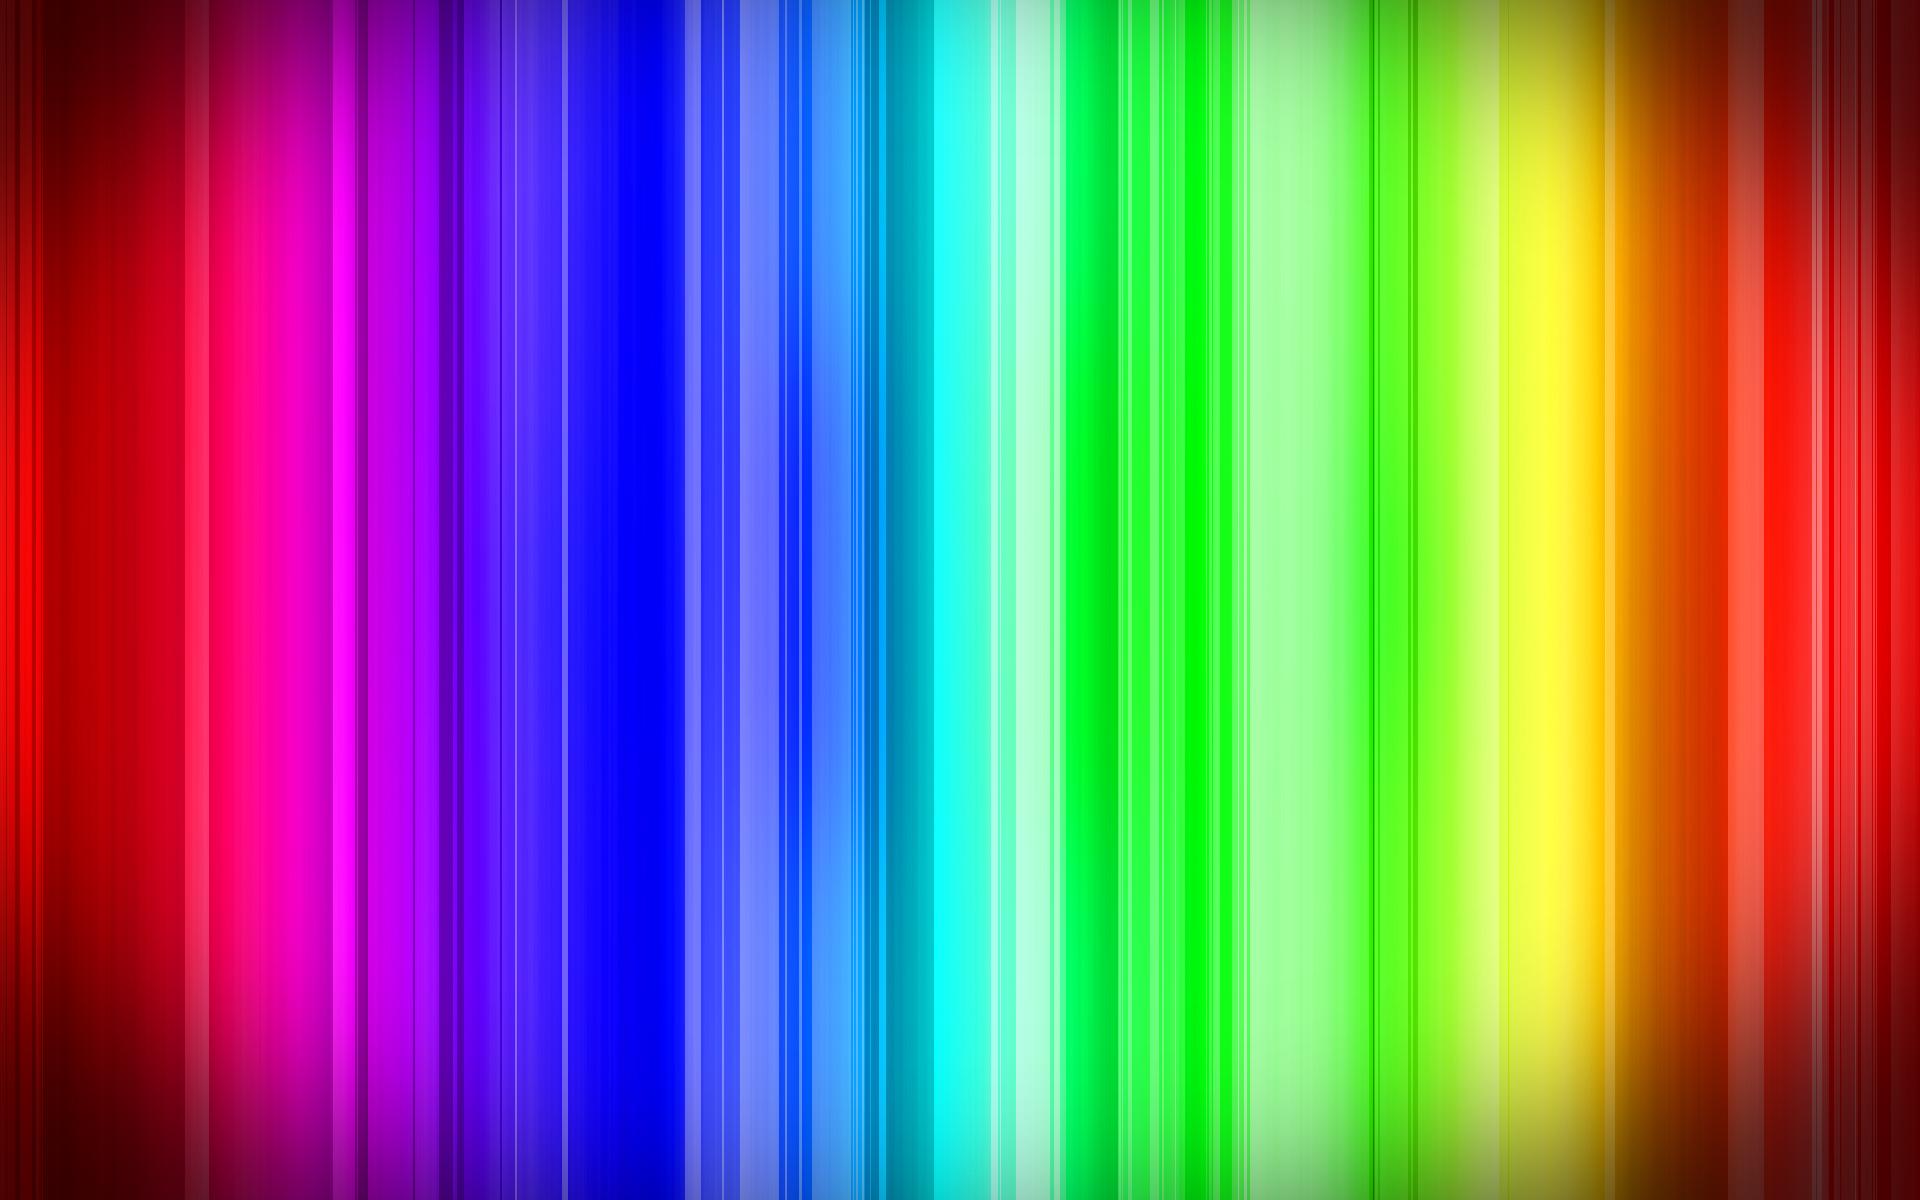 colorful spectrum colors - photo #19